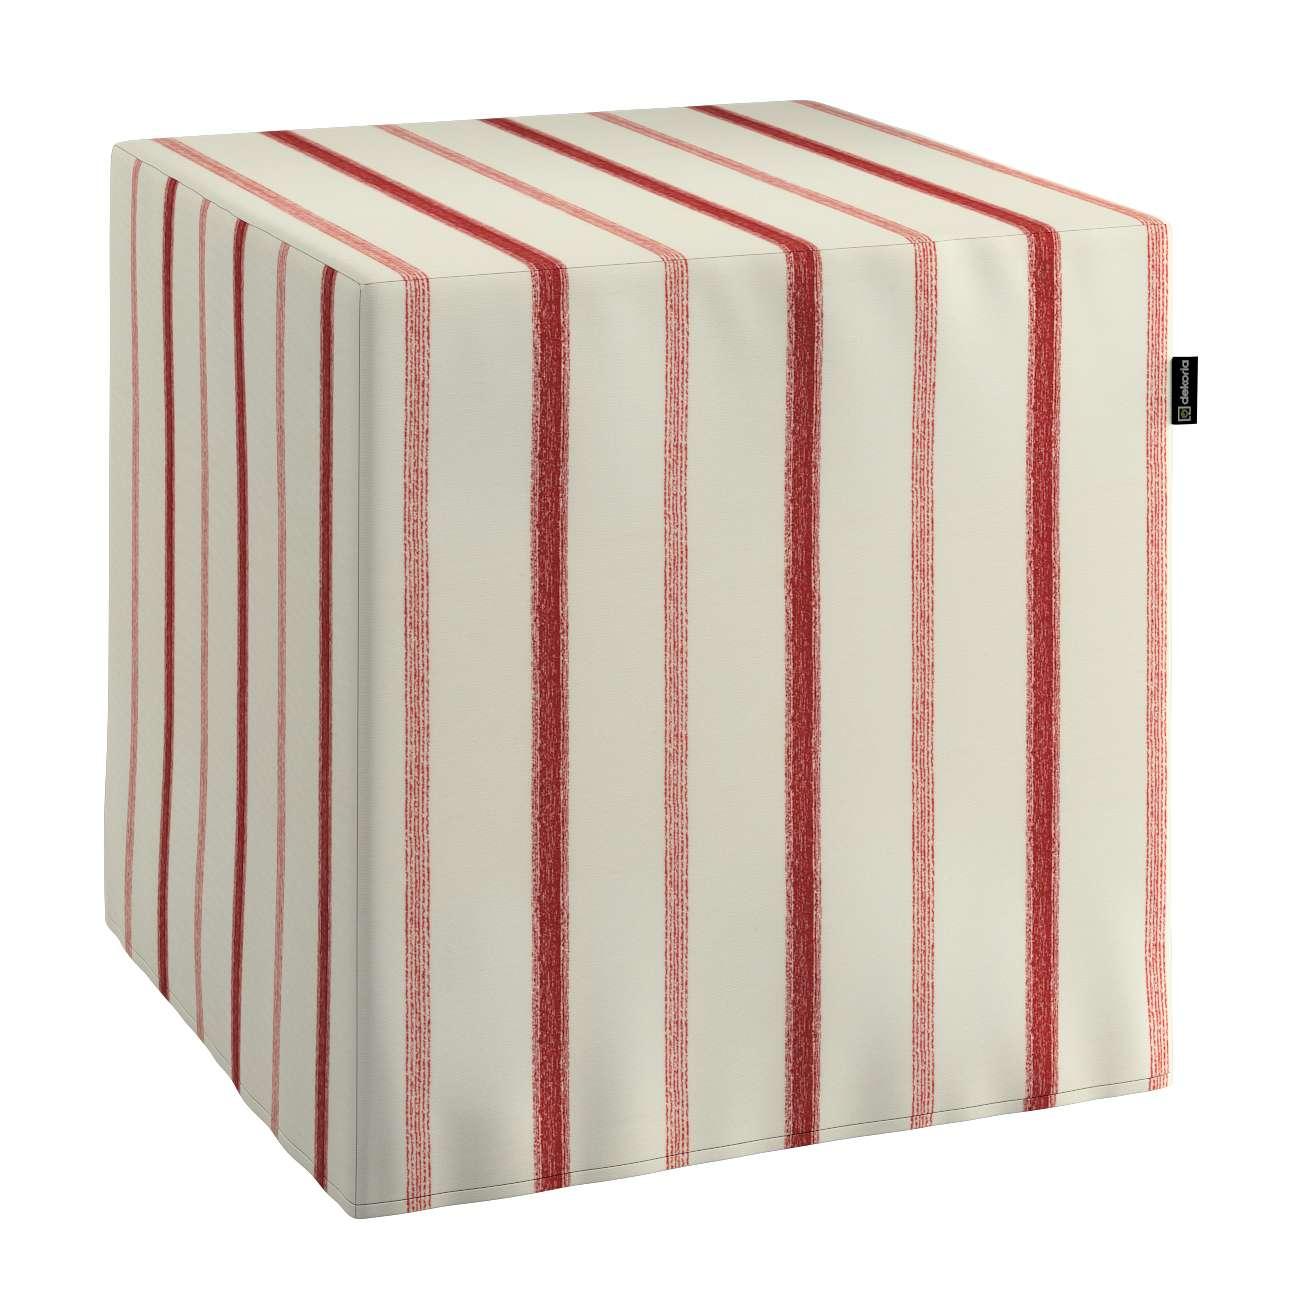 Pokrowiec na pufę kostke kostka 40x40x40 cm w kolekcji Avinon, tkanina: 129-15